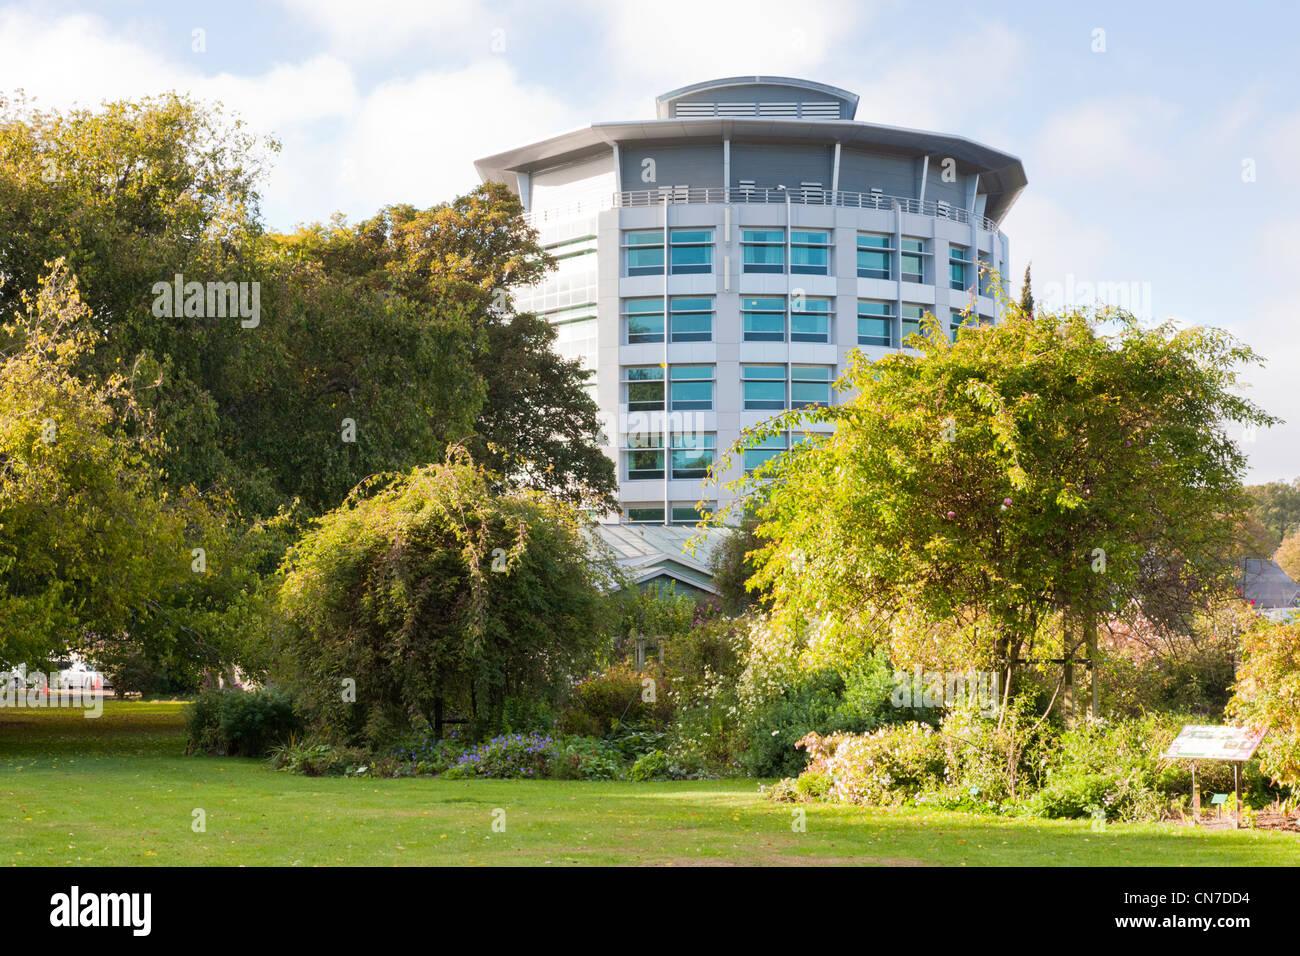 Christchurch Womens Hospital car il surplombe le Parc Hagley, Christchurch, Nouvelle-Zélande. Photo Stock